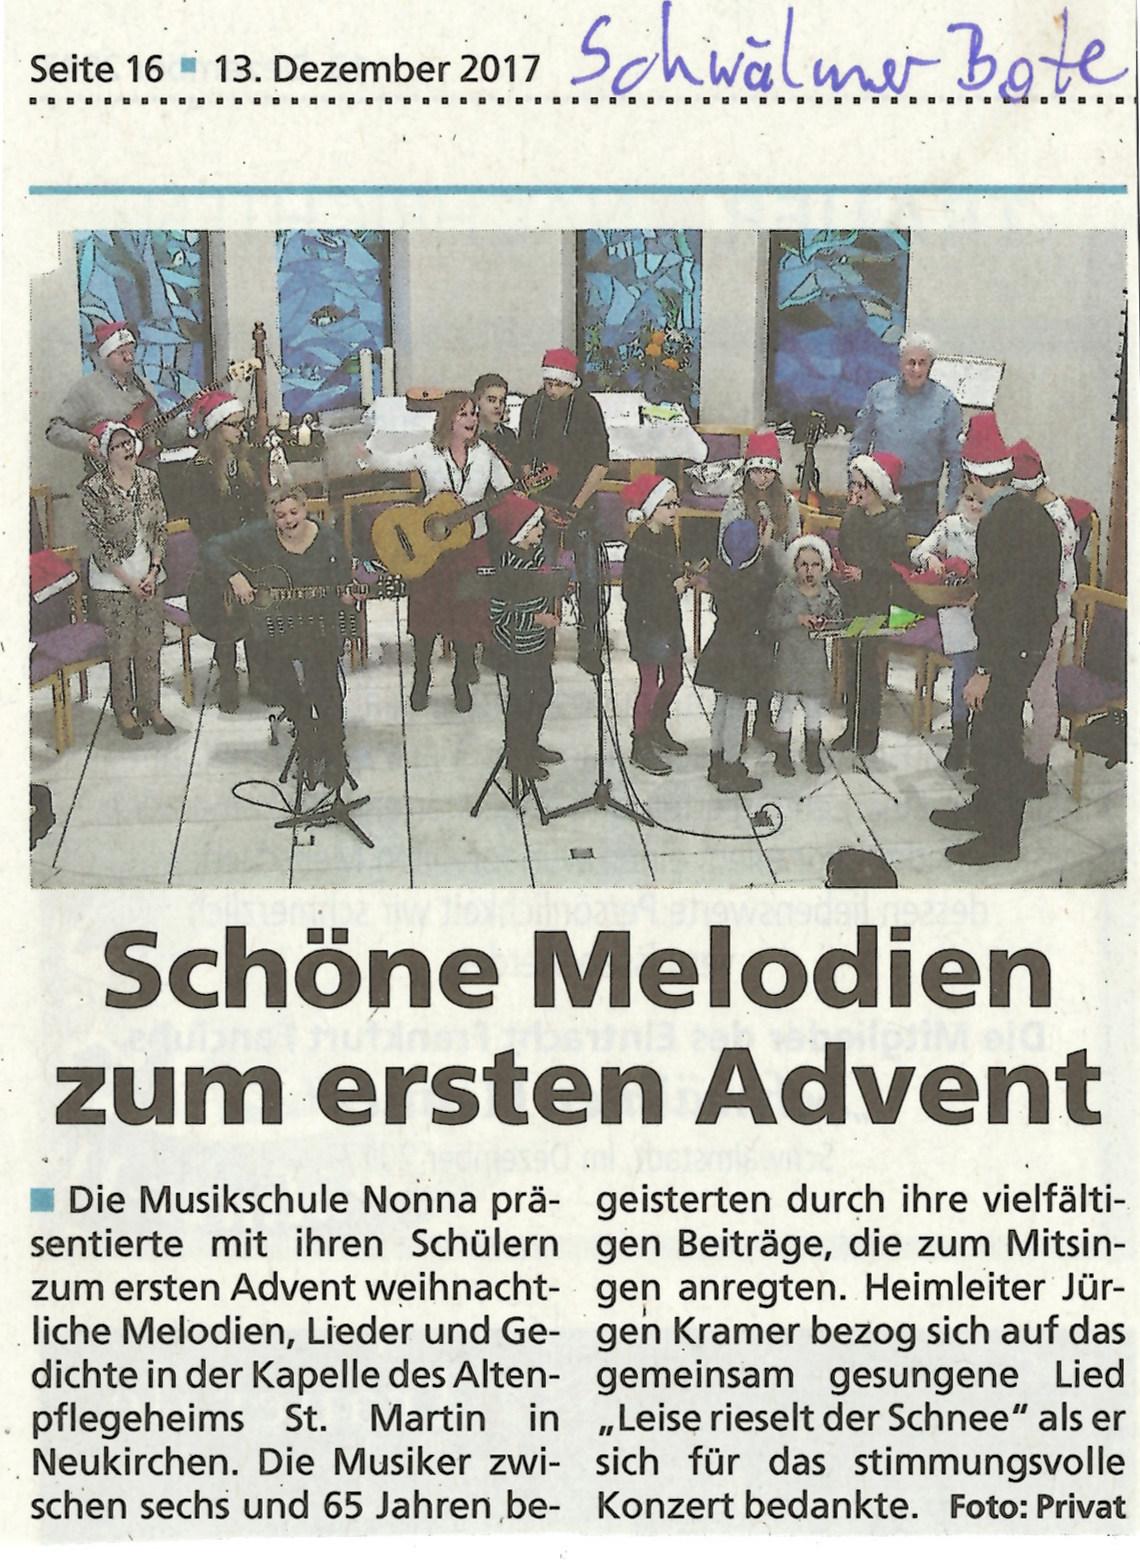 Schwälmer Bote 13.12.2017